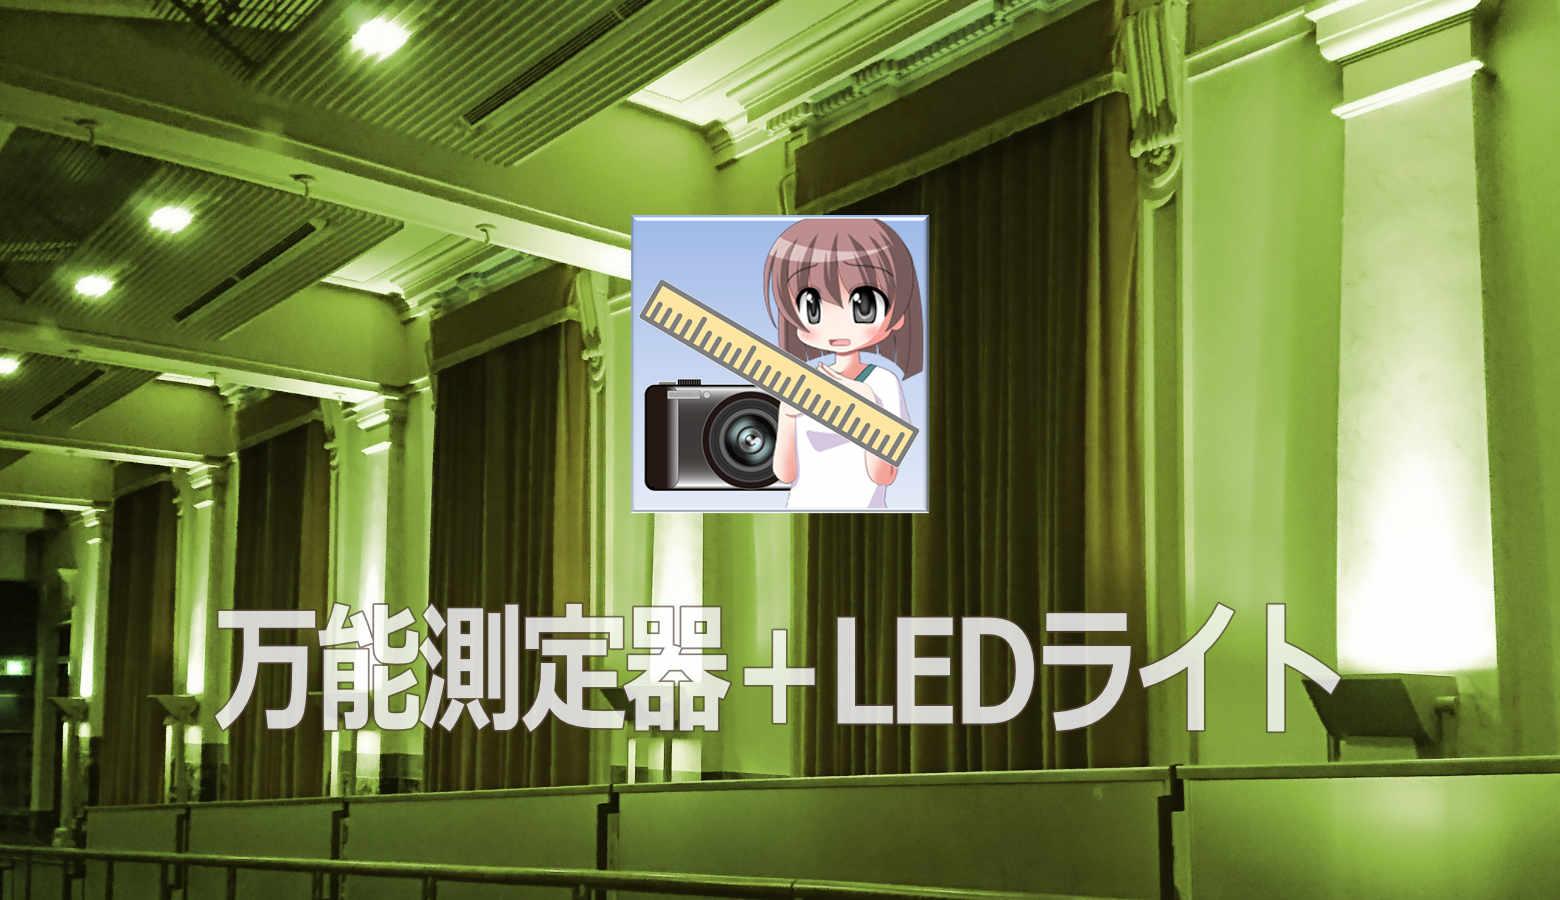 万能測定器+LEDライト:無料でどこまで使えるアプリなの?【Android/iOS/アプリ】